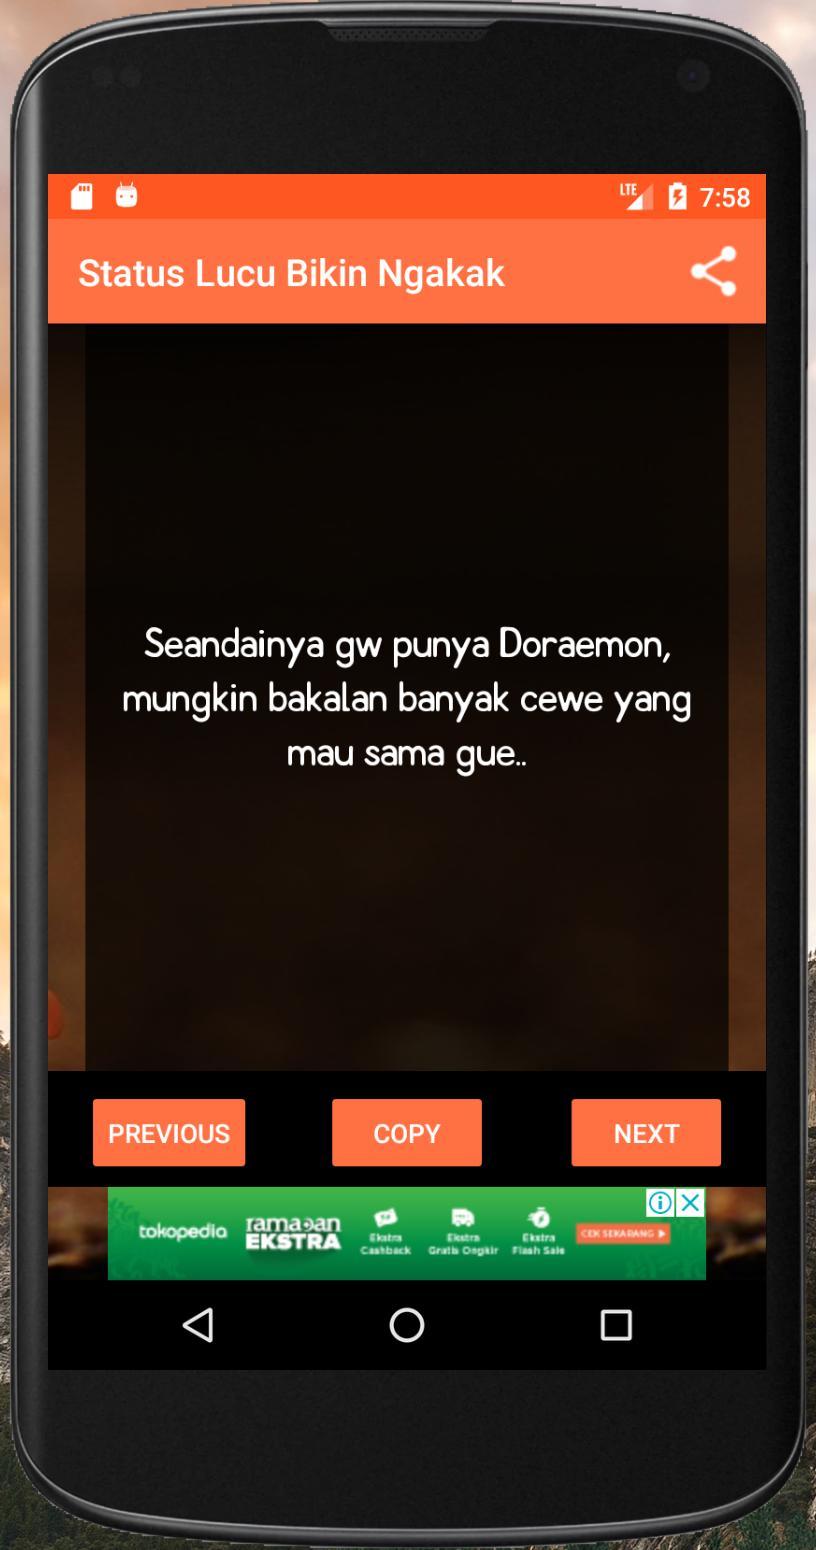 Status Lucu Bikin Ngakak For Android APK Download